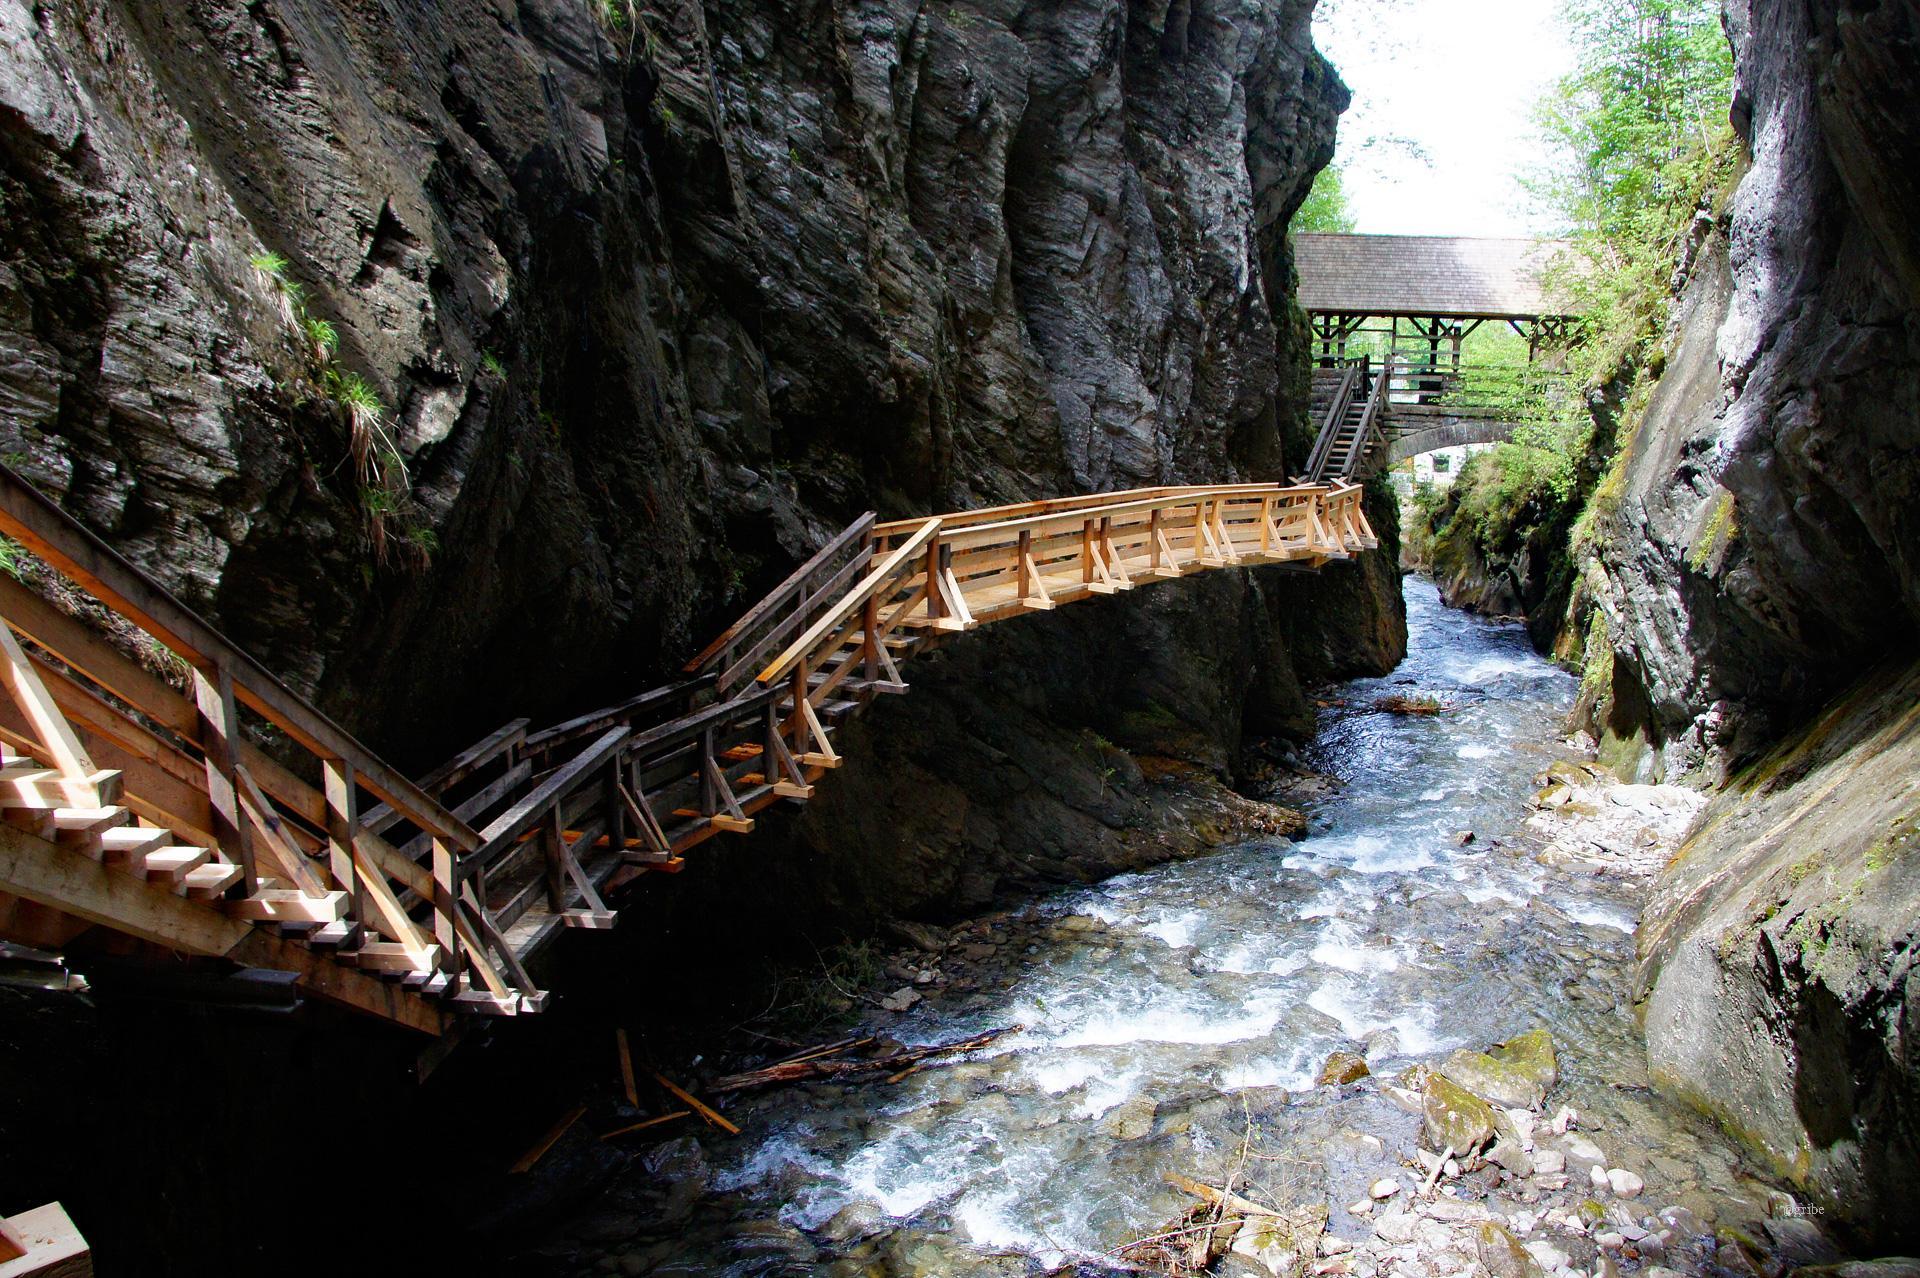 أبرز الأماكن السياحية في كابرون الجميلة 558650280.jpg